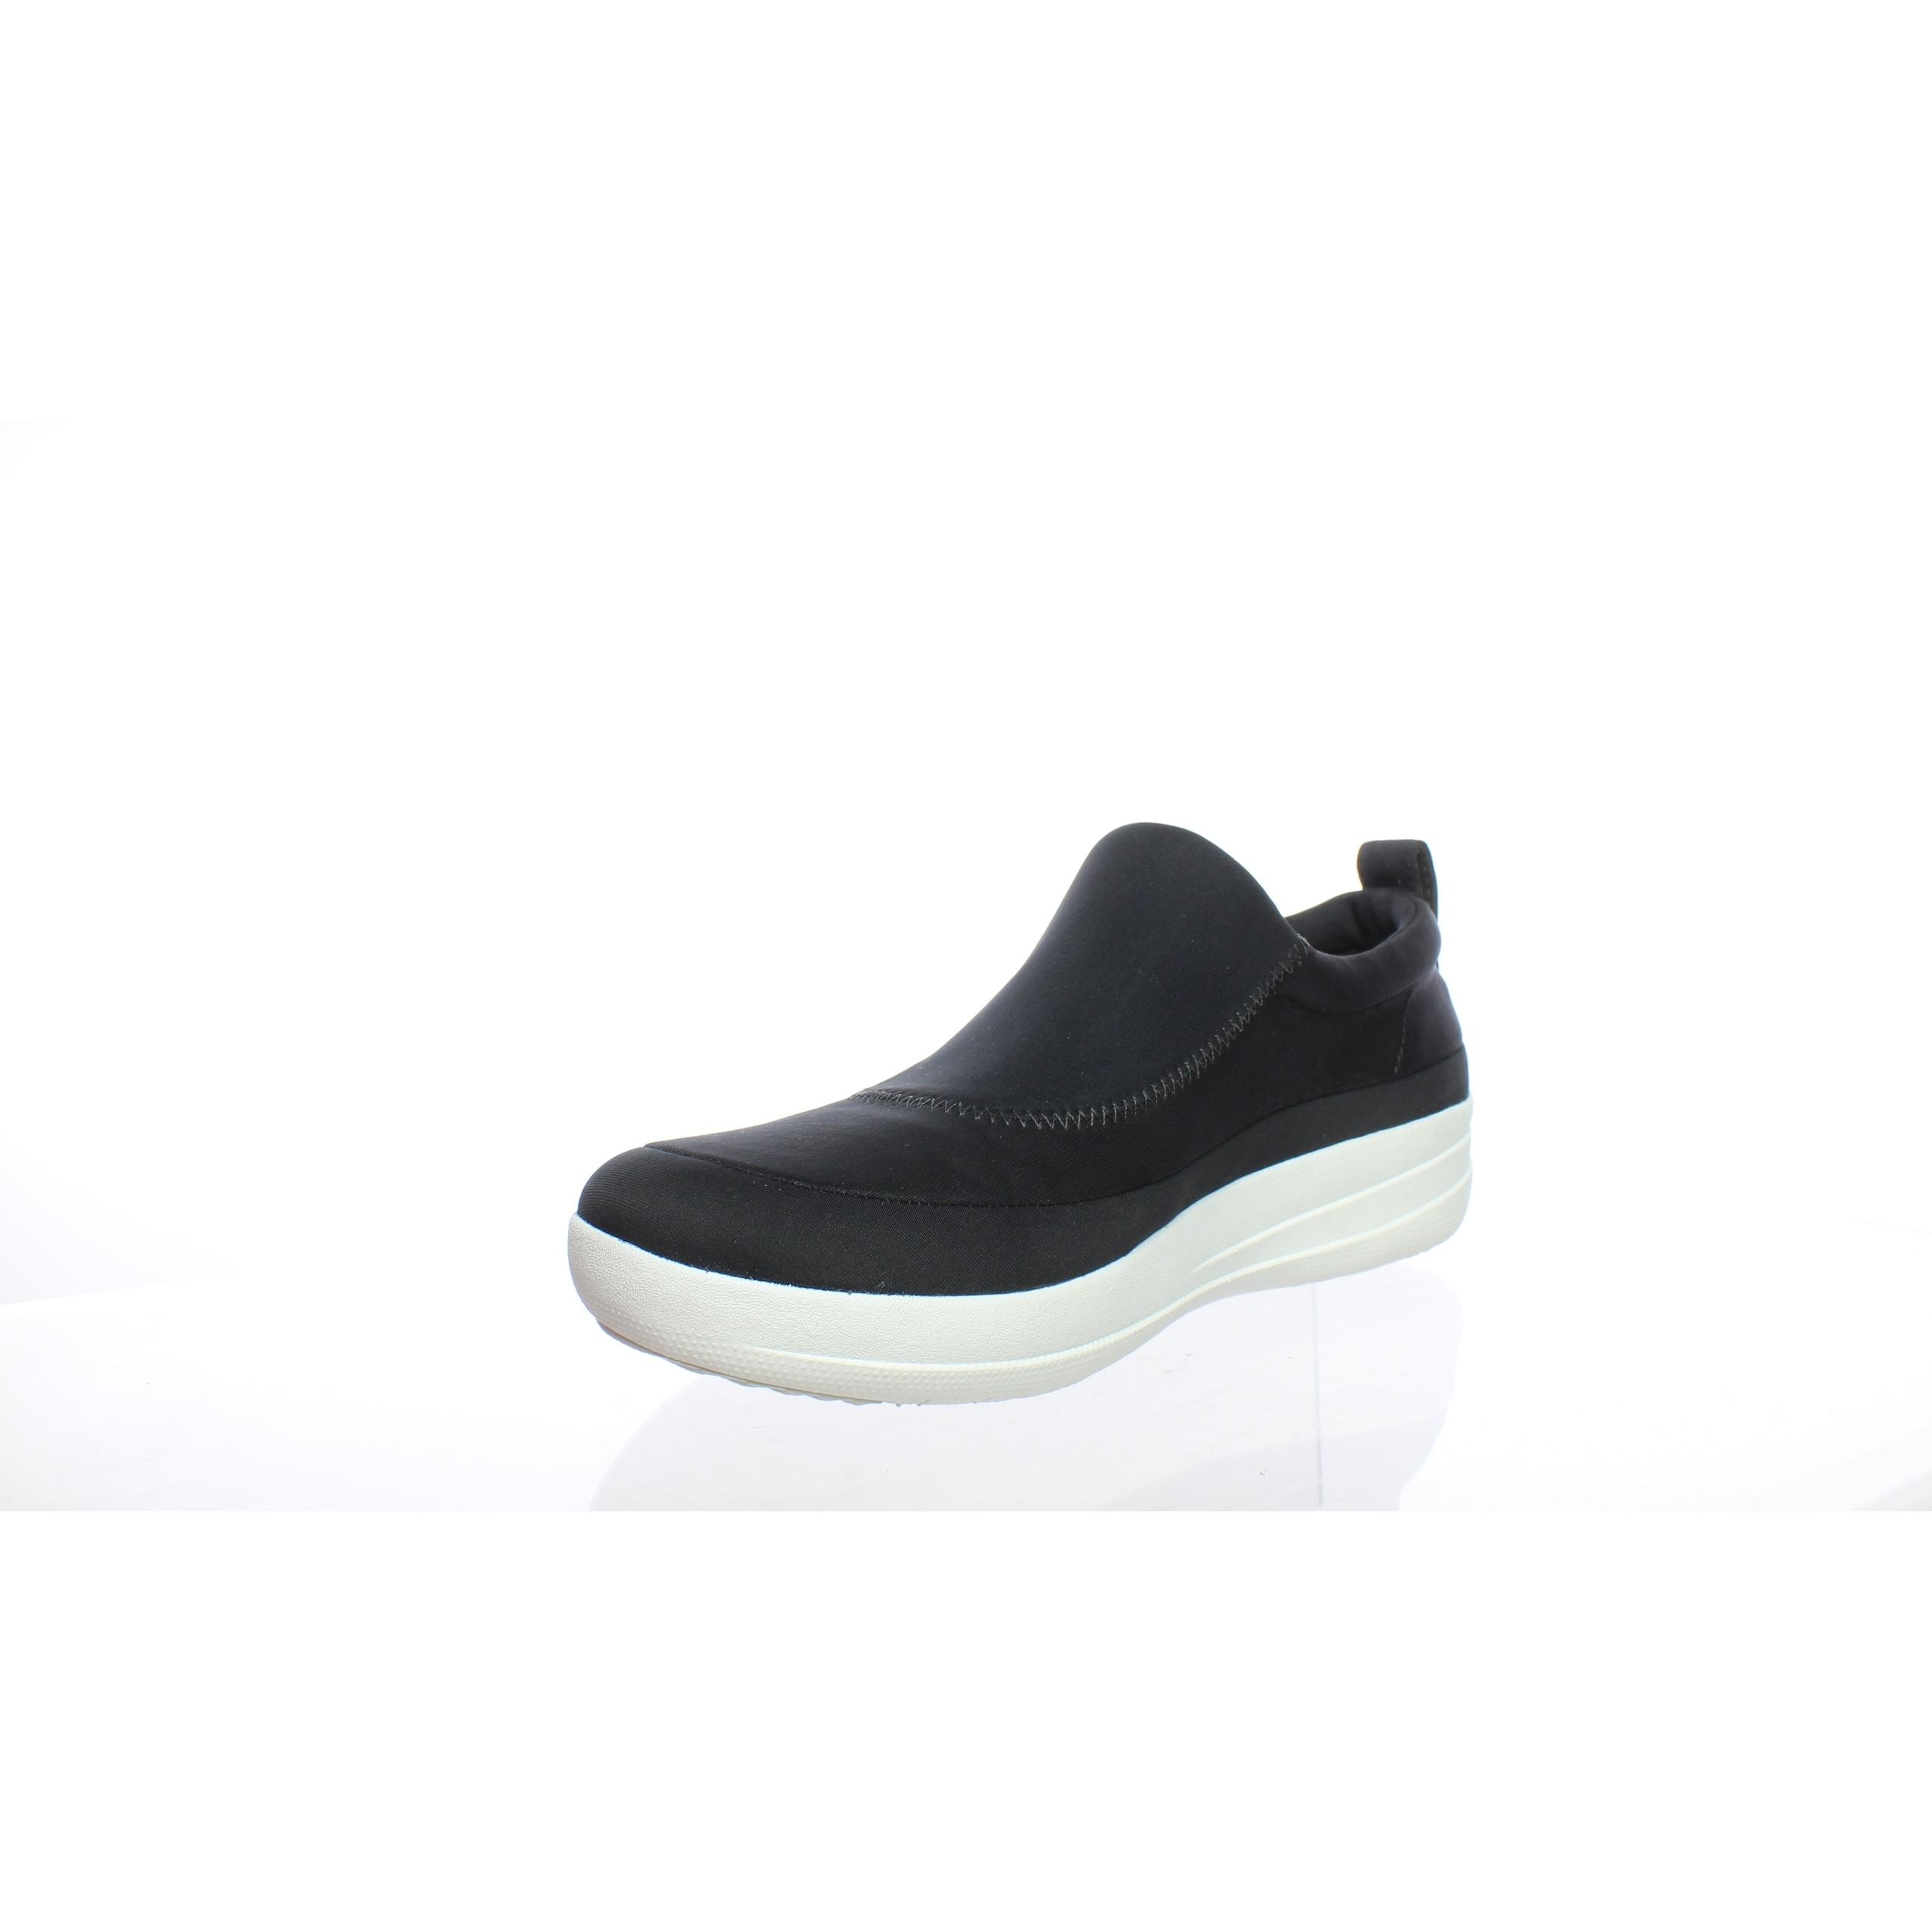 7e9baa05a Shop FitFlop Womens Freeflex Black Fashion Sneaker Size 7.5 - Free ...